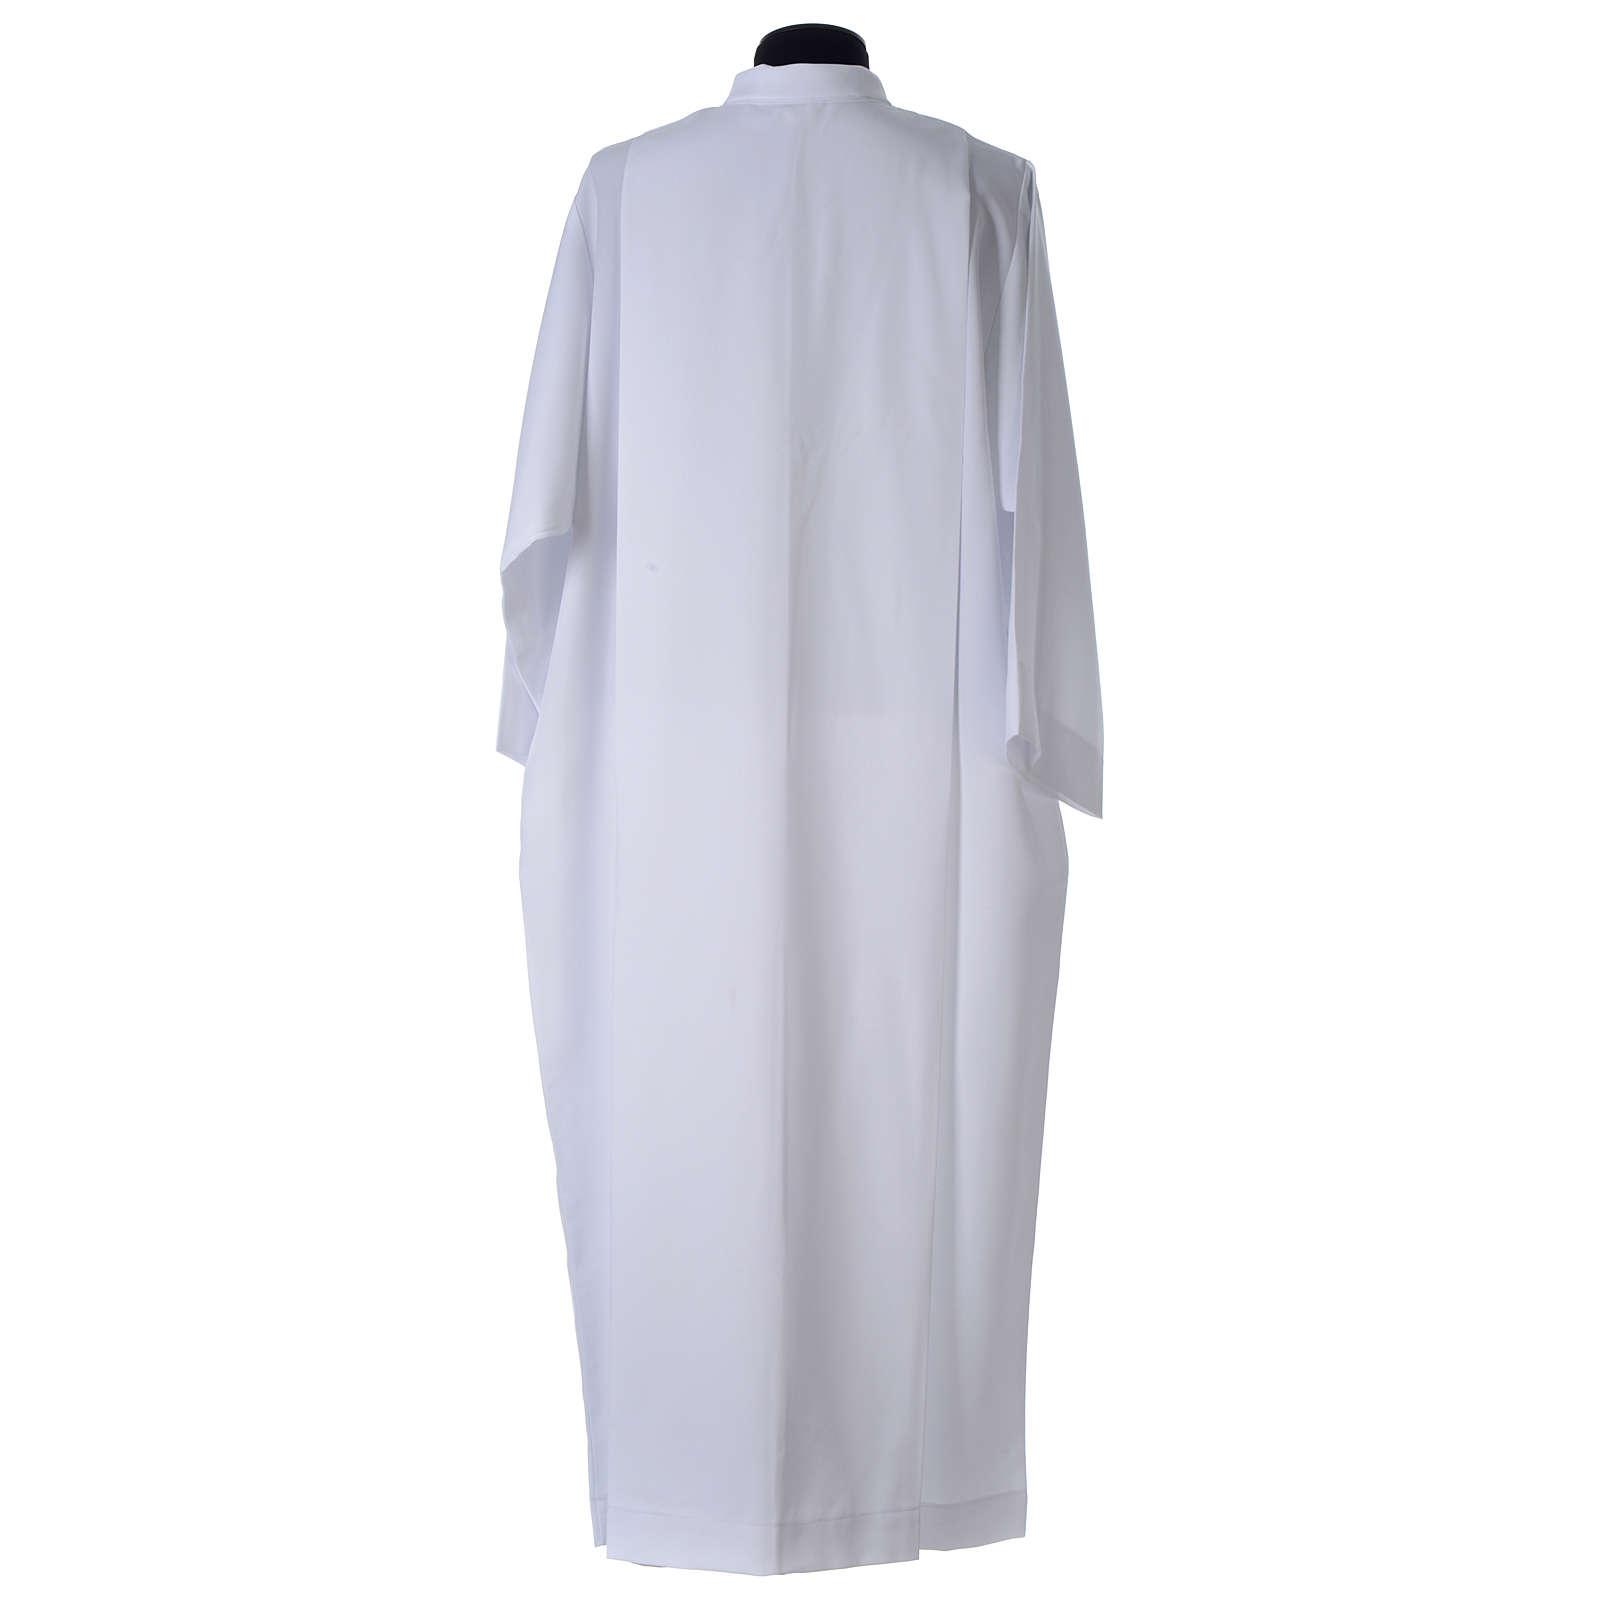 Camice bianco piegoni e colletto risvoltato 100% poliestere 4